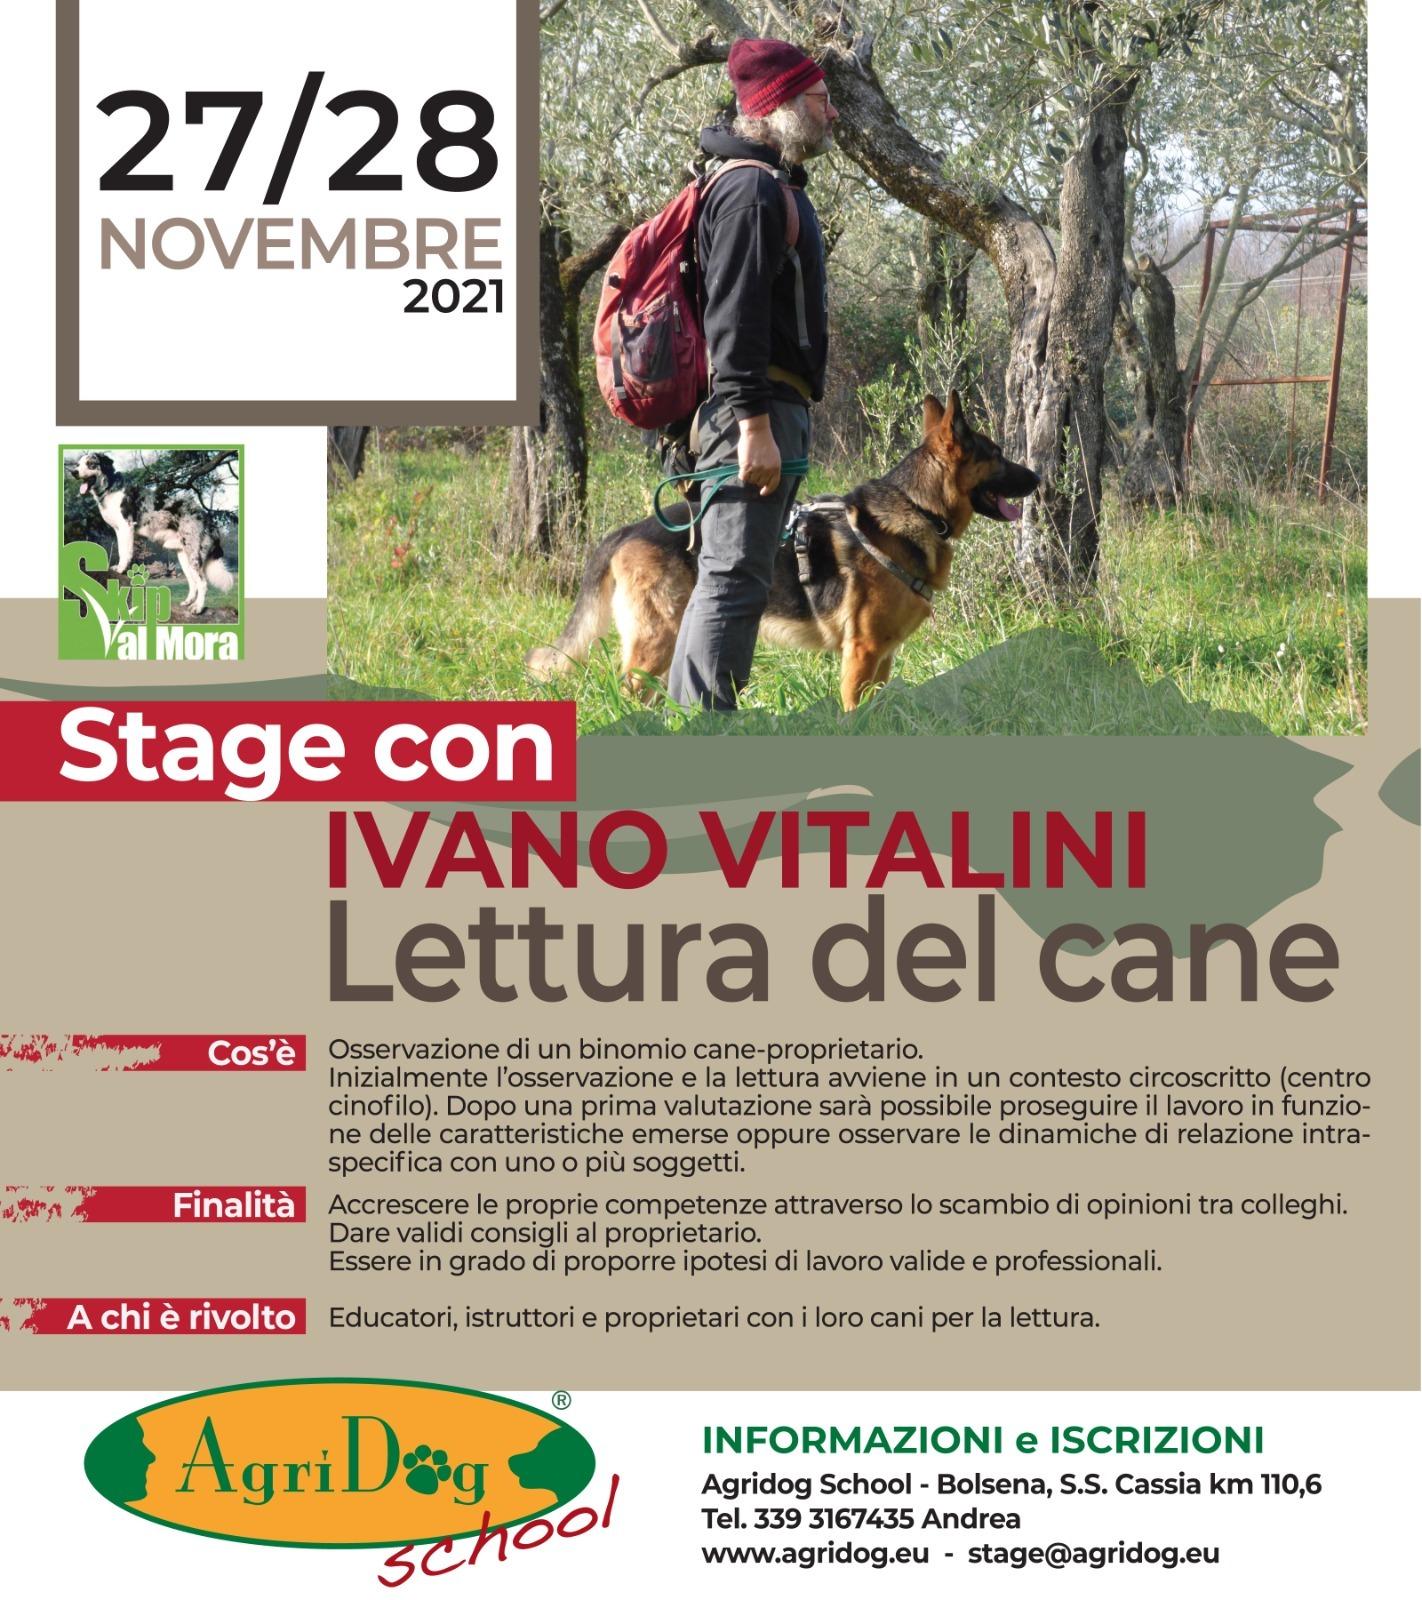 Bolsena (VT) 27 e 28 novembre 2021 - Seminario di lettura del cane con Ivano Vitalini